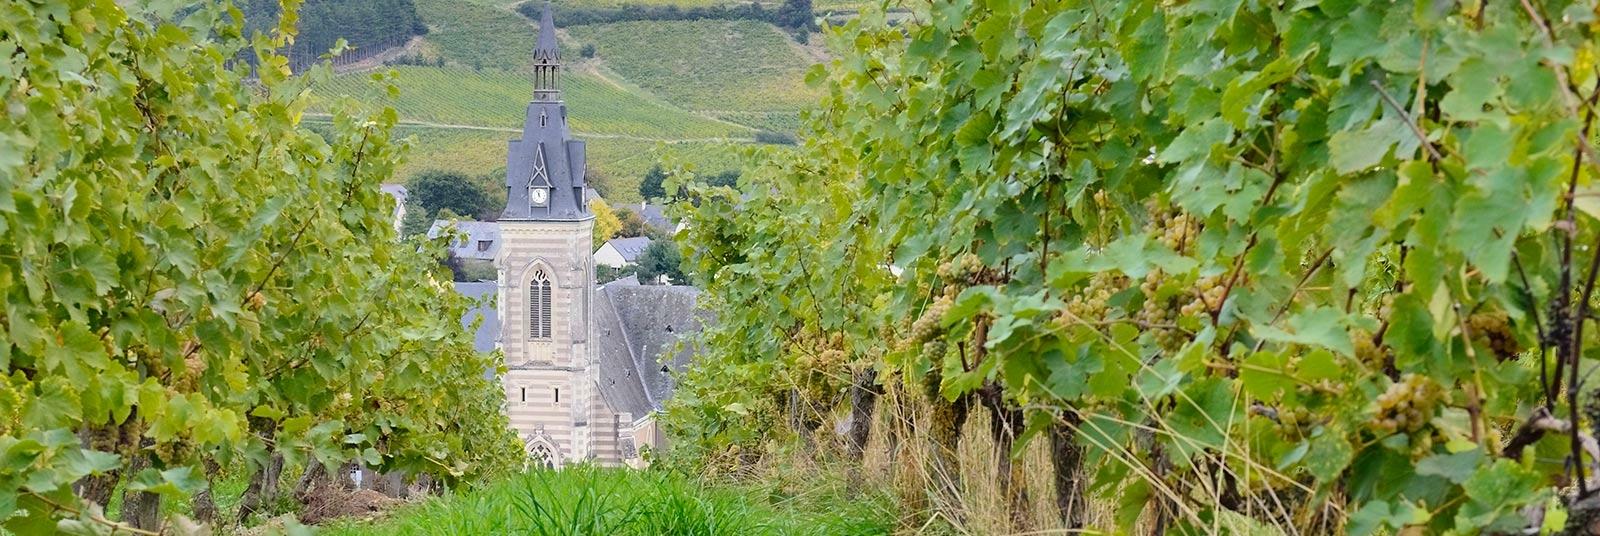 vigne-vin-eglise-domaine-cady_bandeau